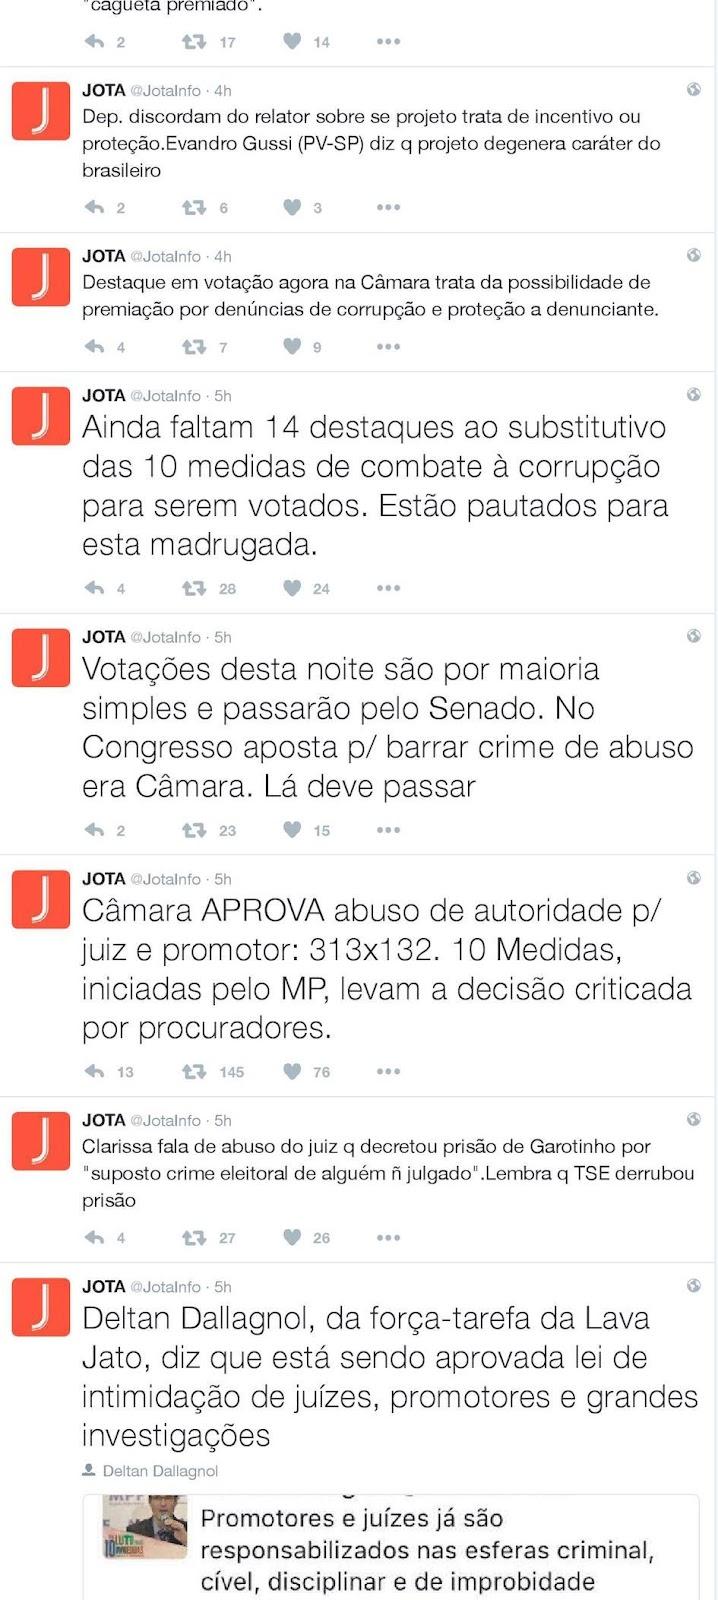 /Users/romulosoaresbrillo/Desktop/JOTA (@JotaInfo) | Twitter/JOTA (@JotaInfo) | Twitter_000006.jpg